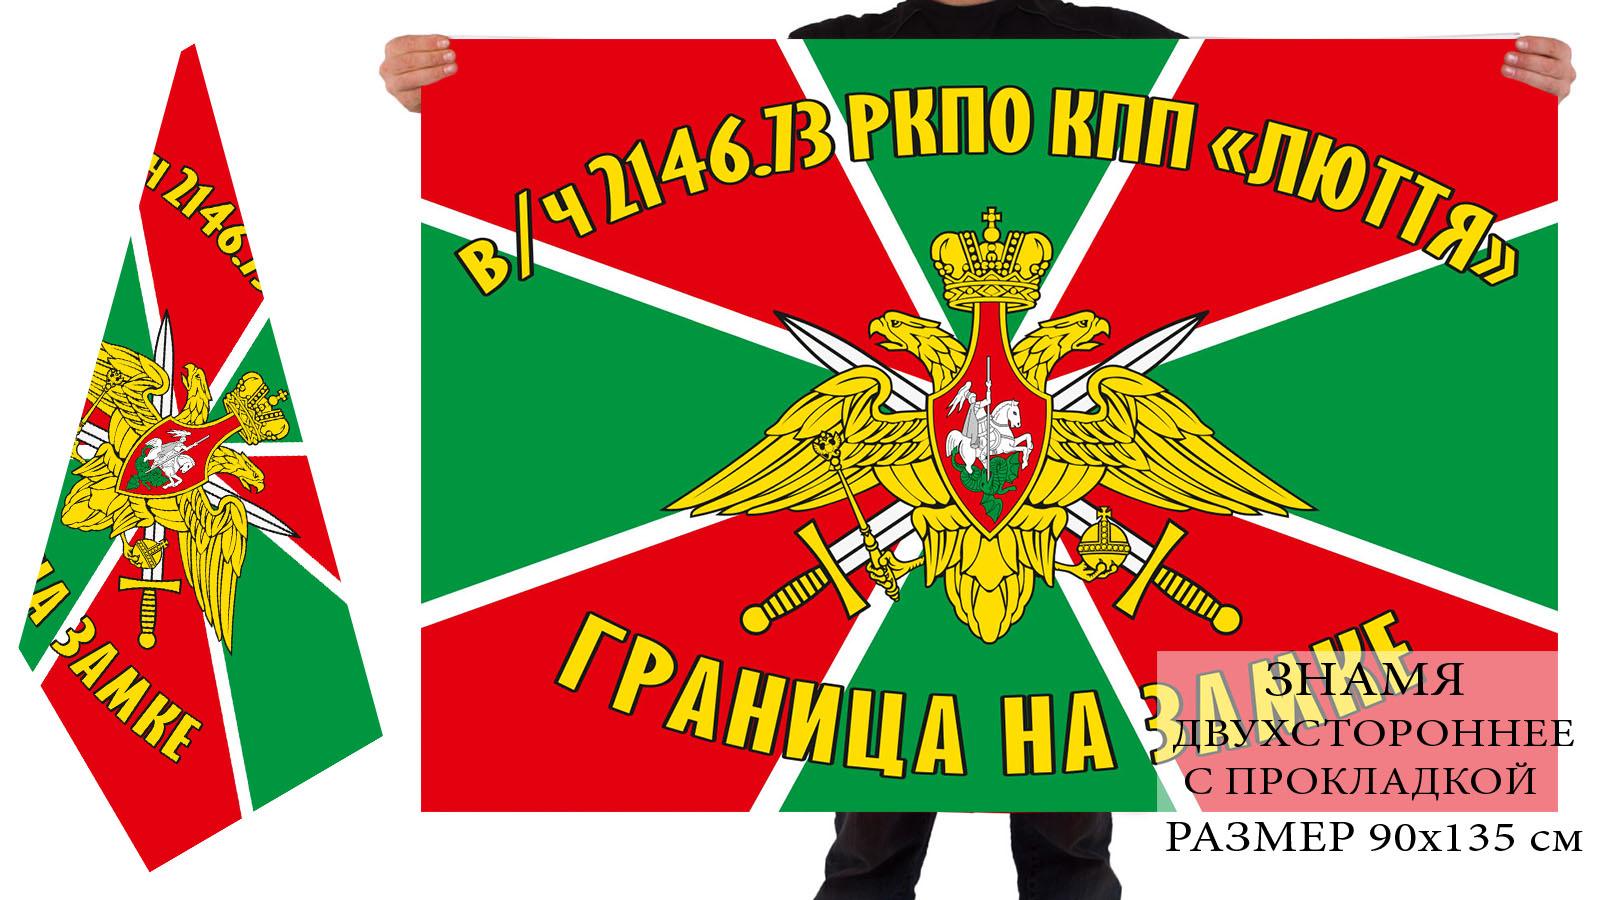 Купить в интернет магазине флаг «В/ч 2146, 73 РКПО КПП «Люття»